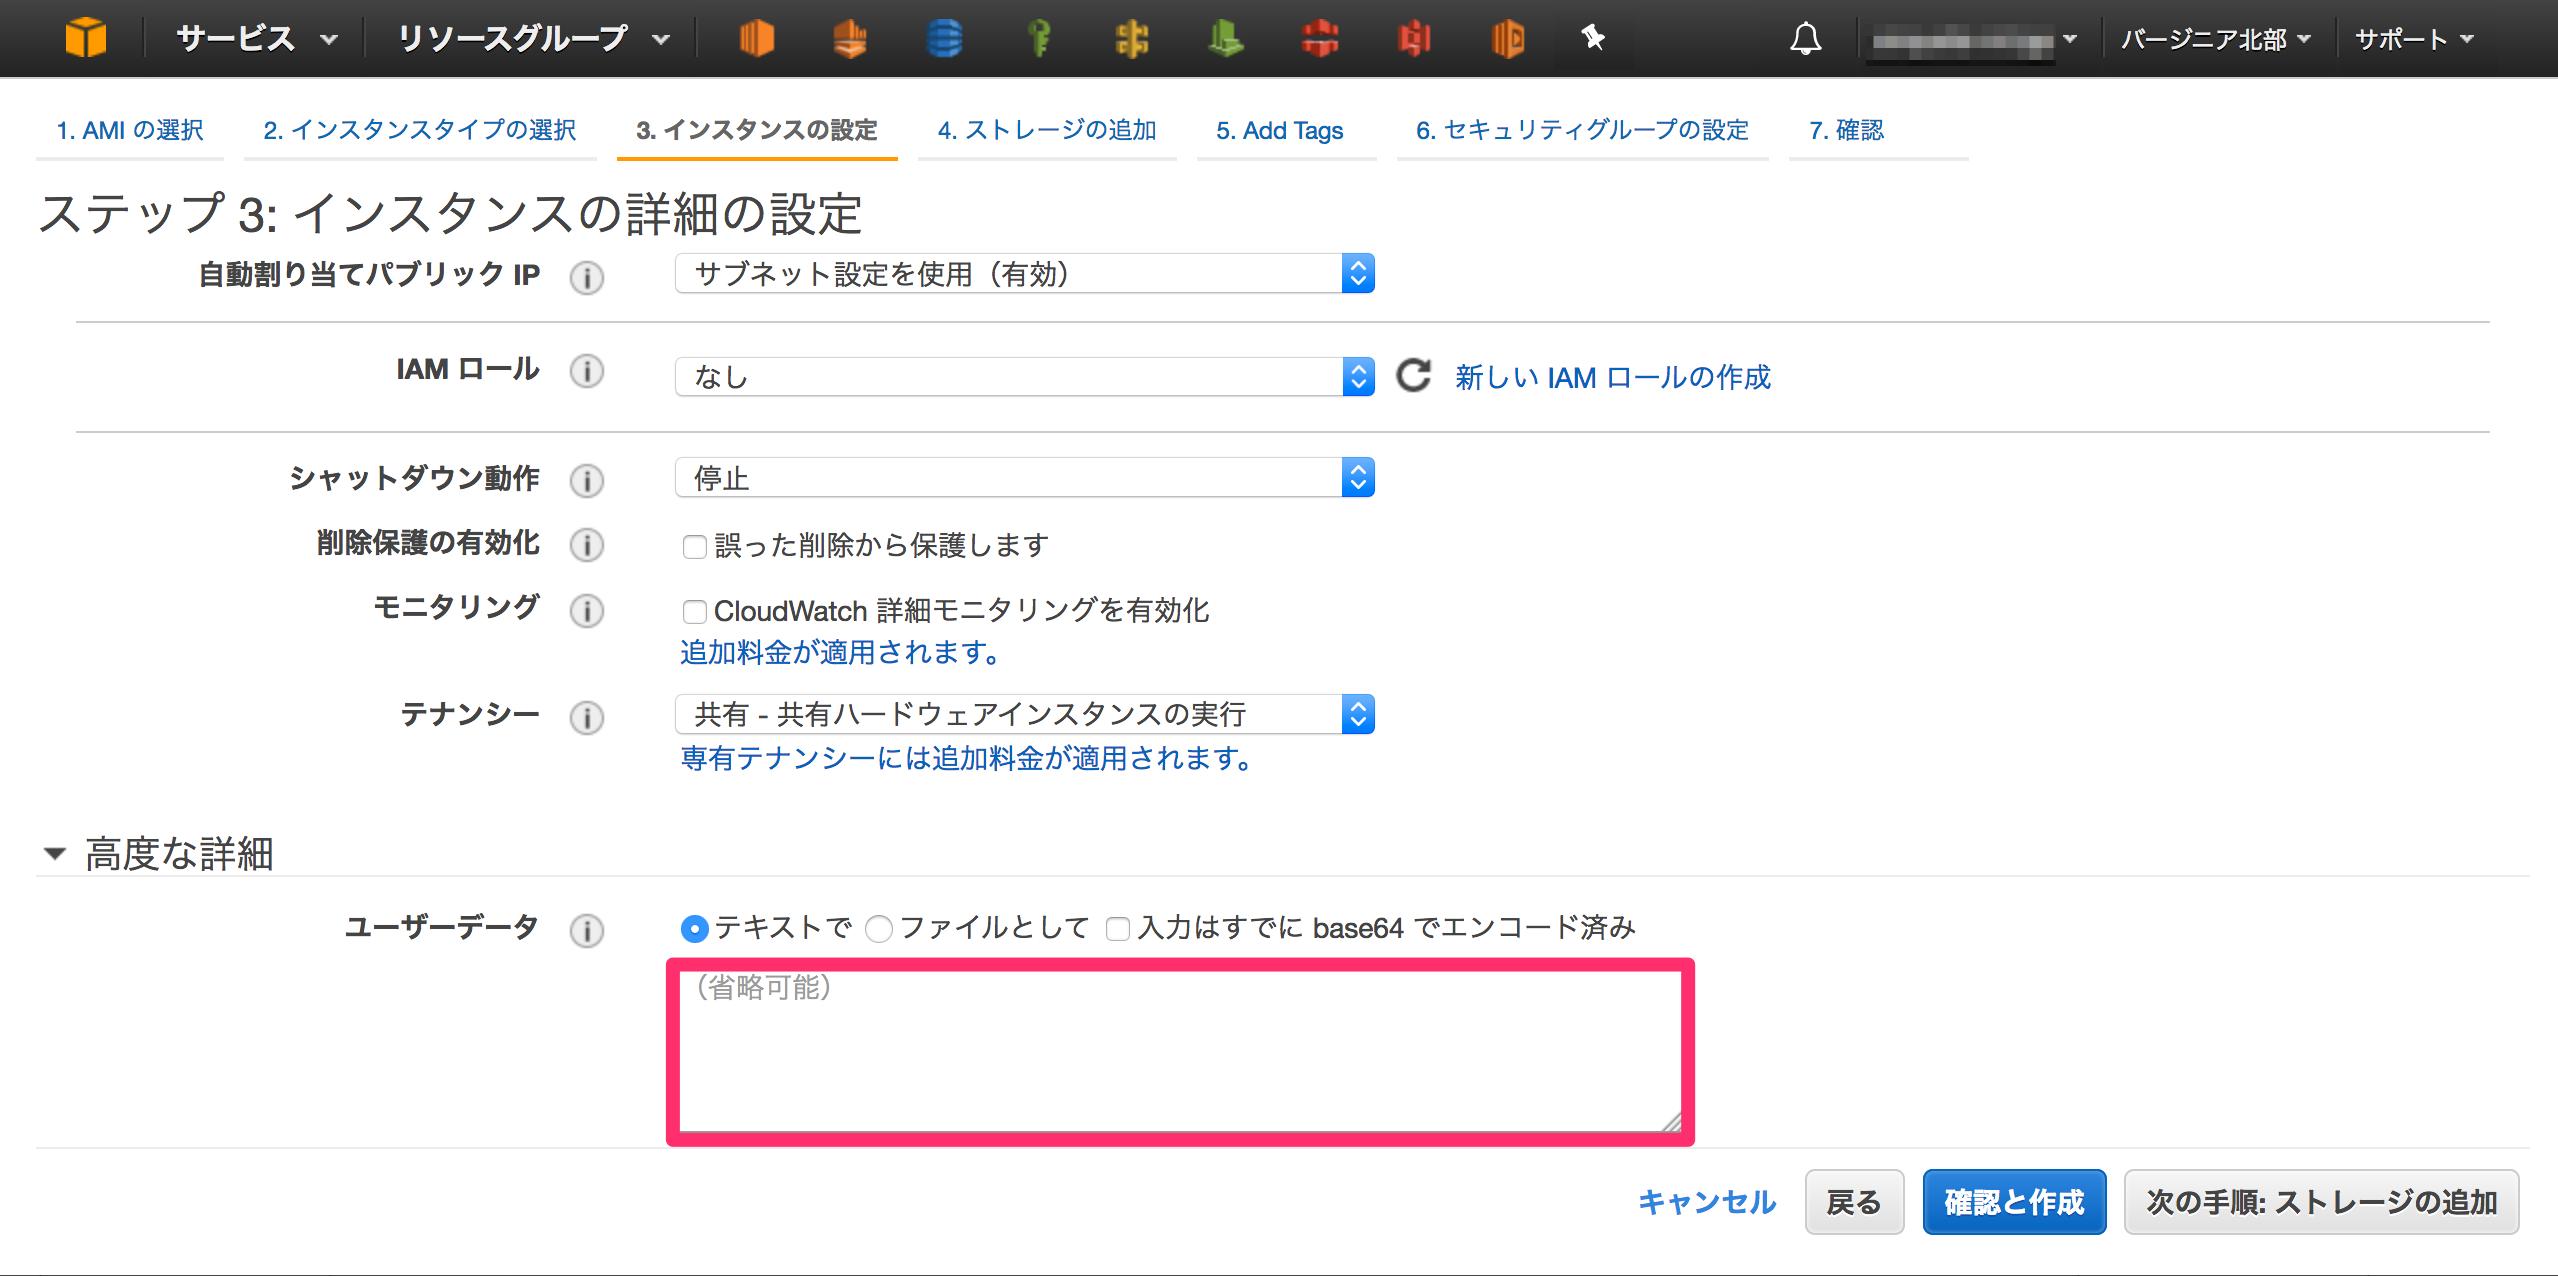 ユーザデータの登録